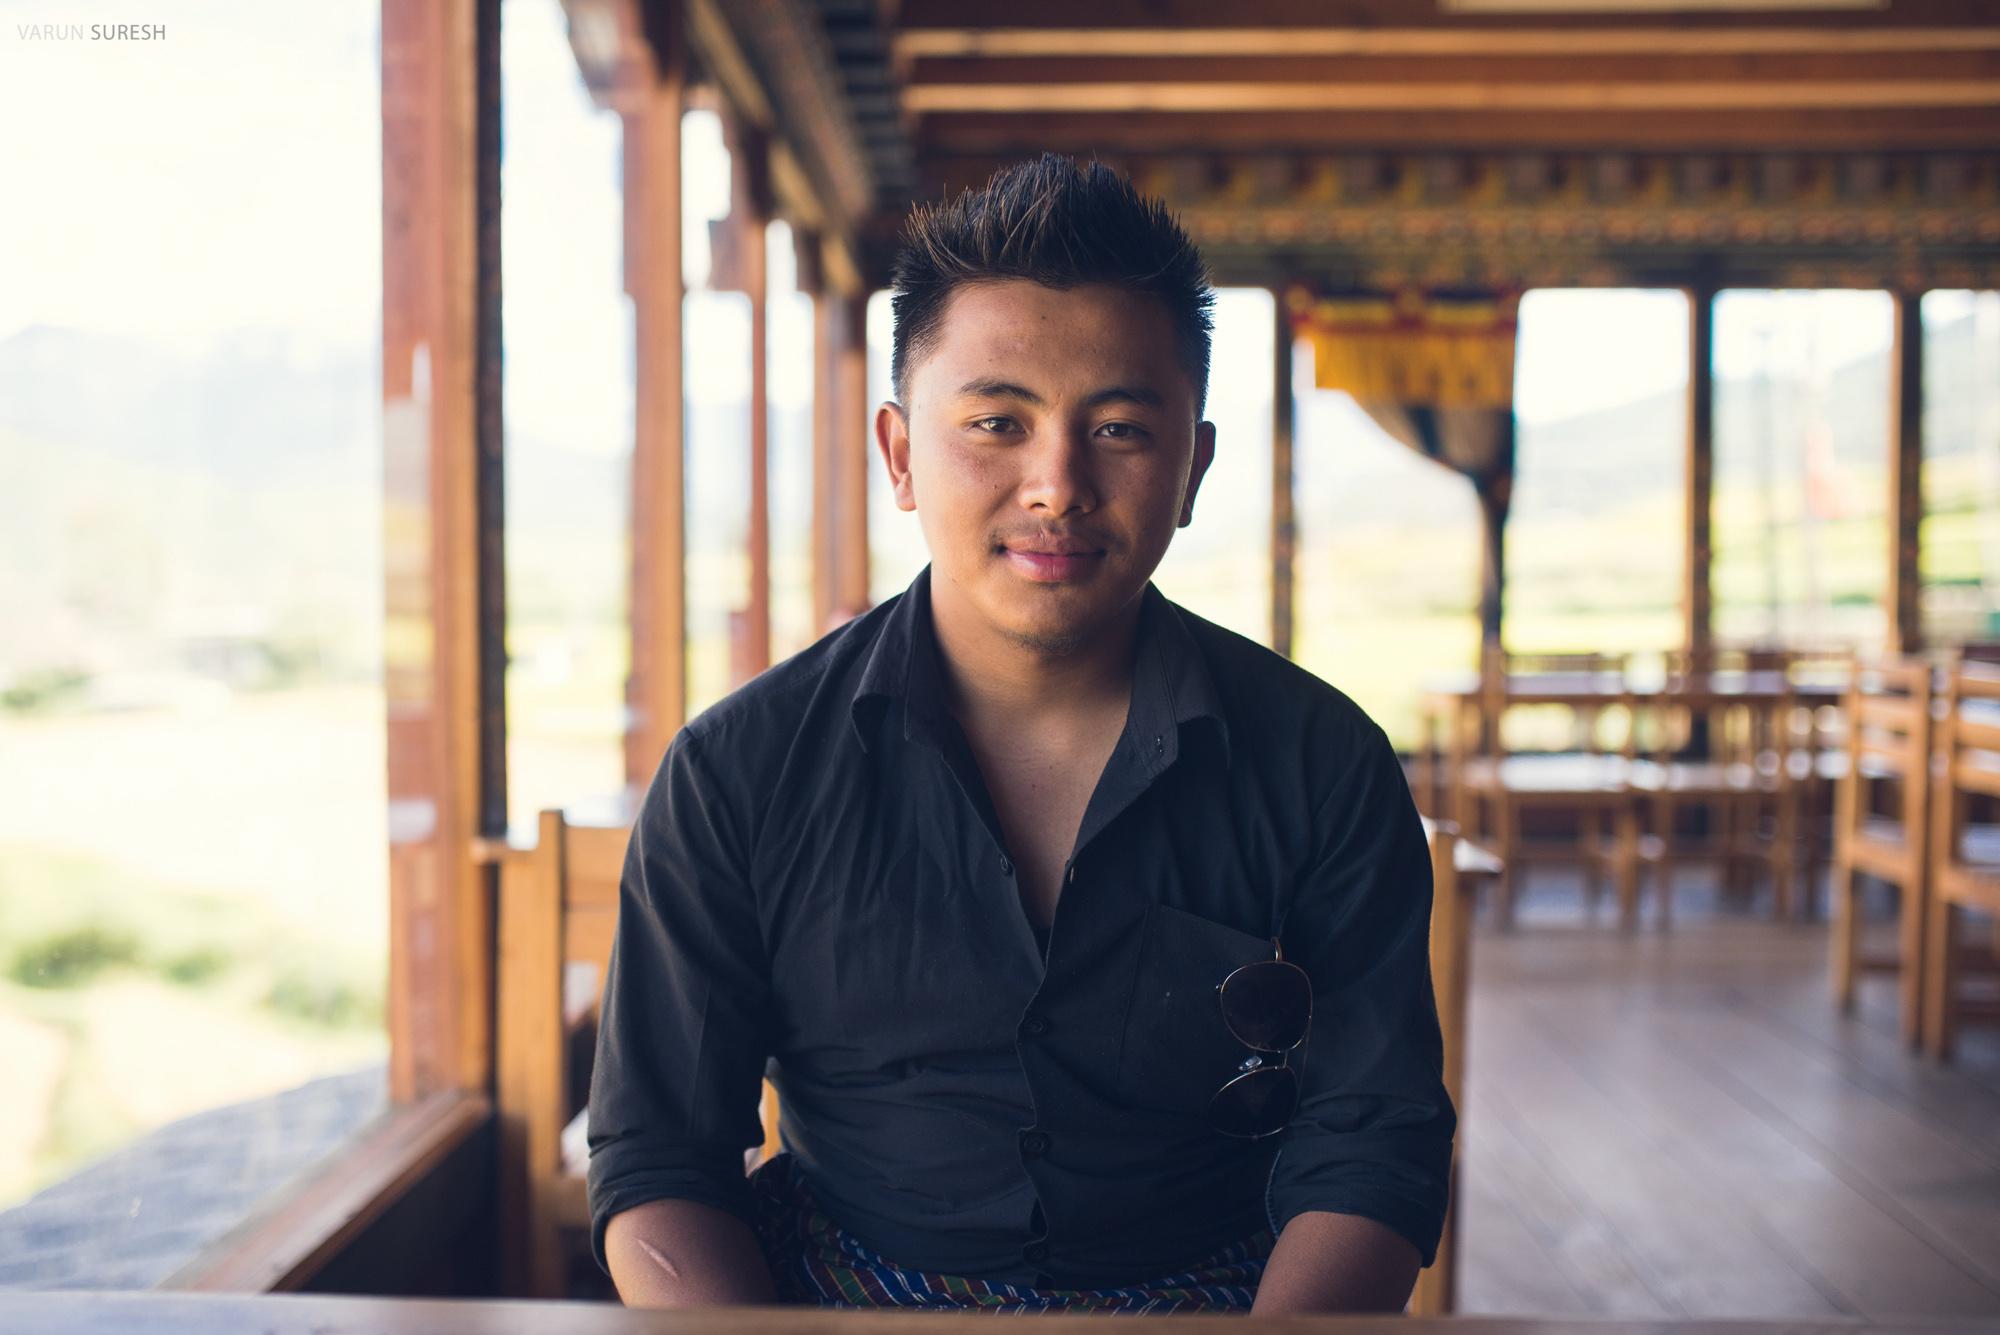 Bhutan_138.jpg